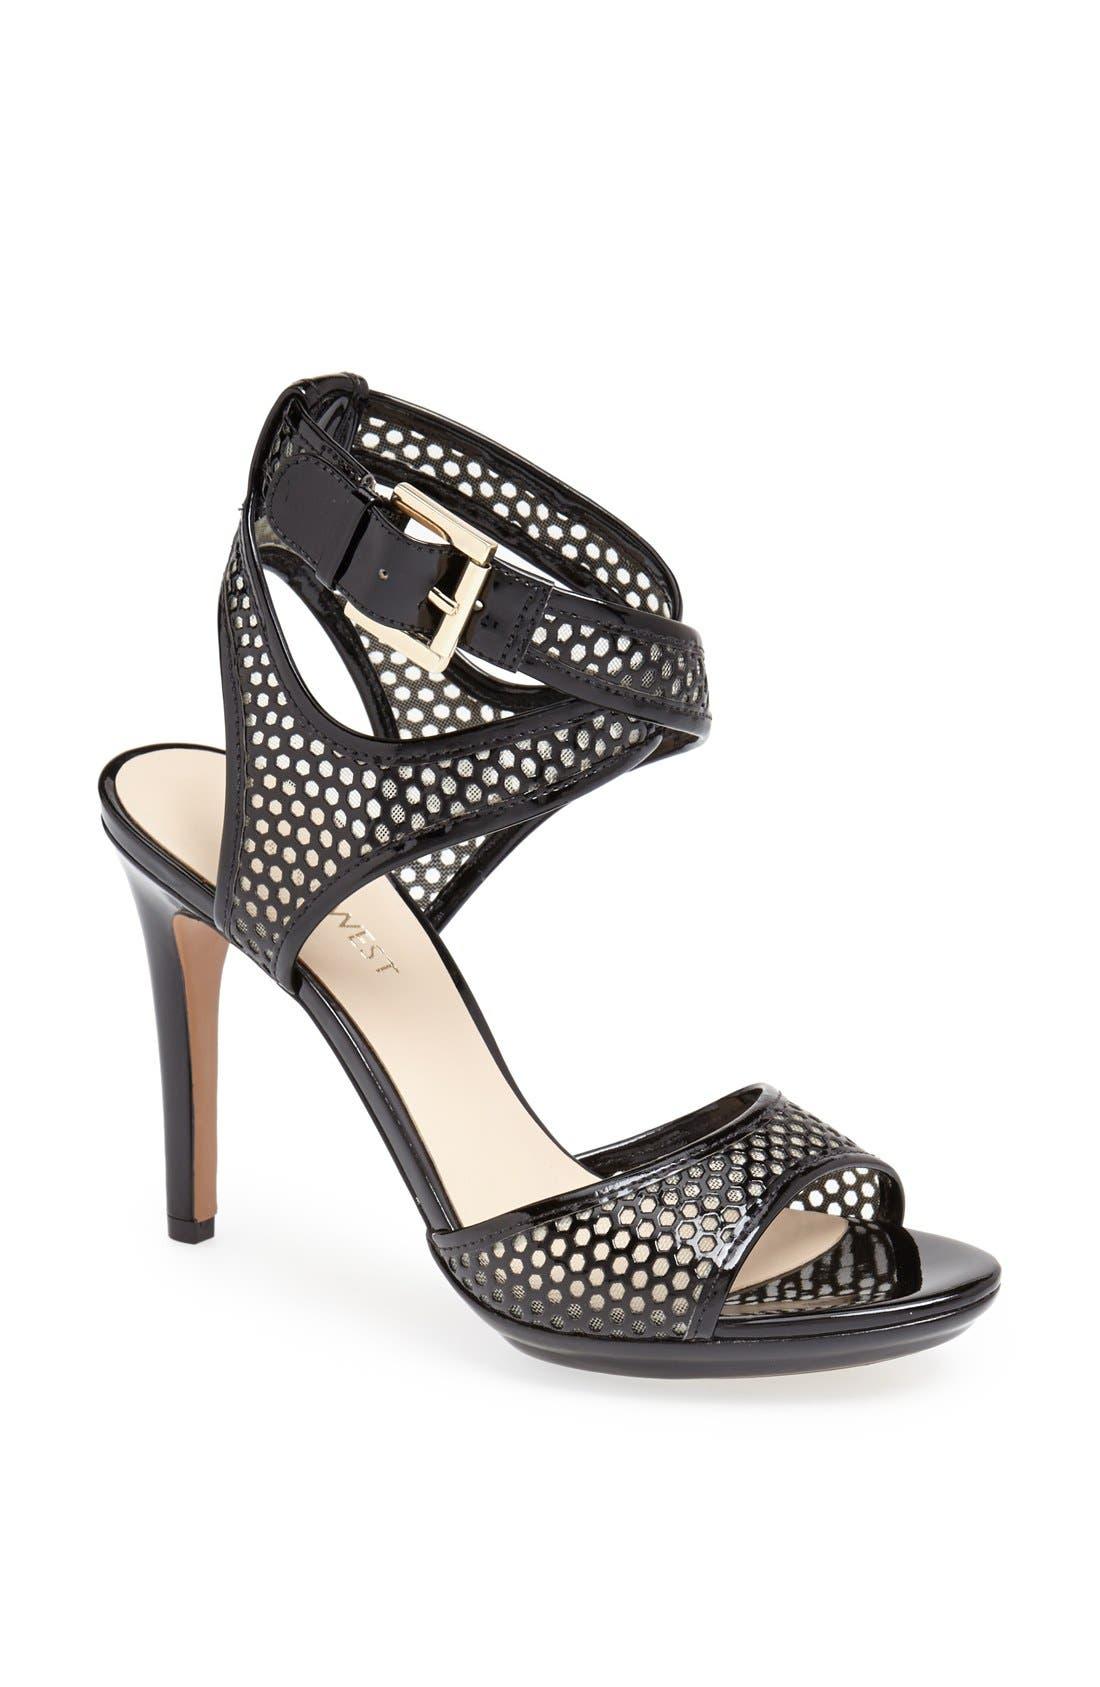 Main Image - Nine West 'Halden' Sandal